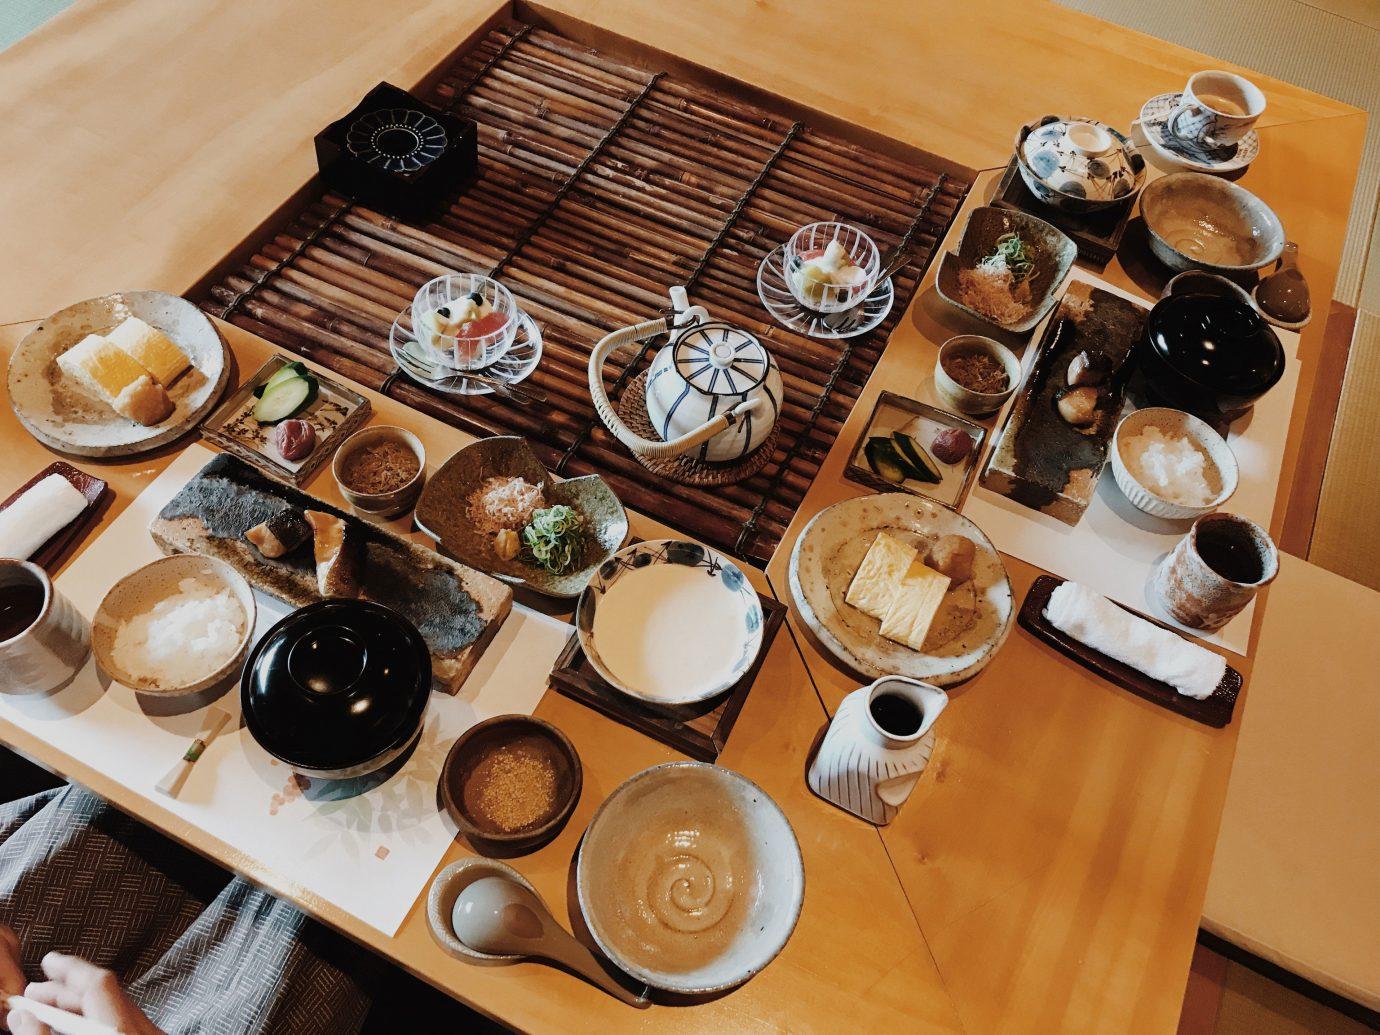 Influencers + Tastemakers Japan Photo Diary Tokyo table indoor plate tableware food meal dish cuisine breakfast brunch finger food coffee cup set variety